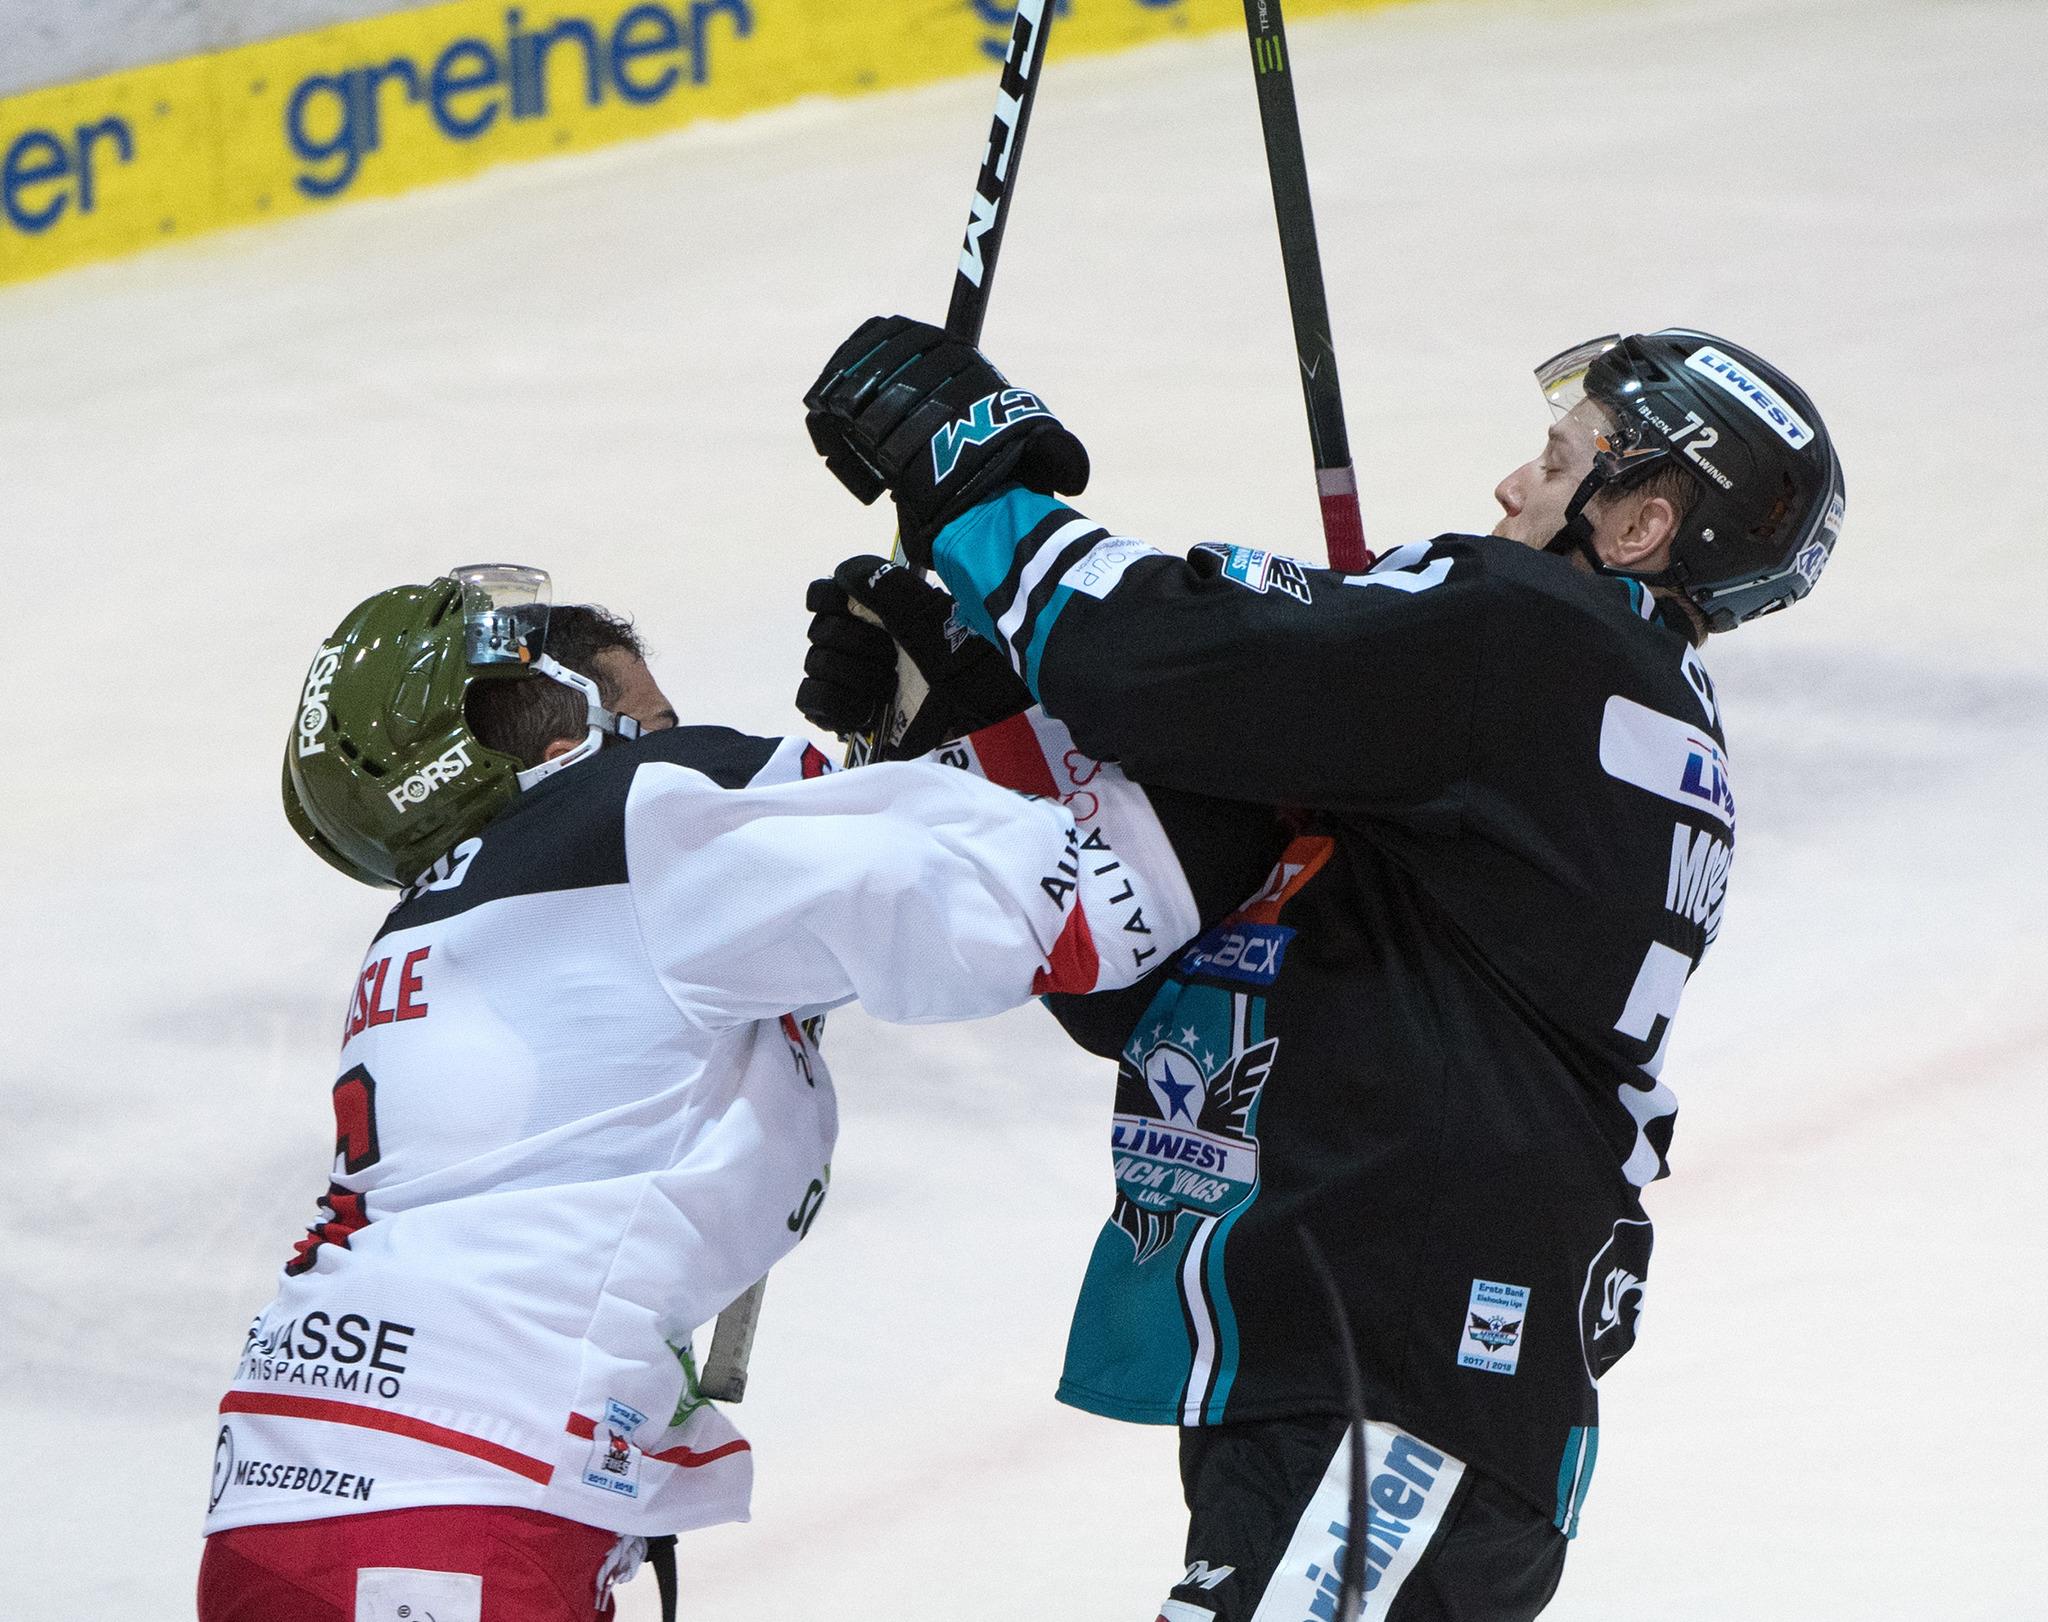 Linz Eishockey